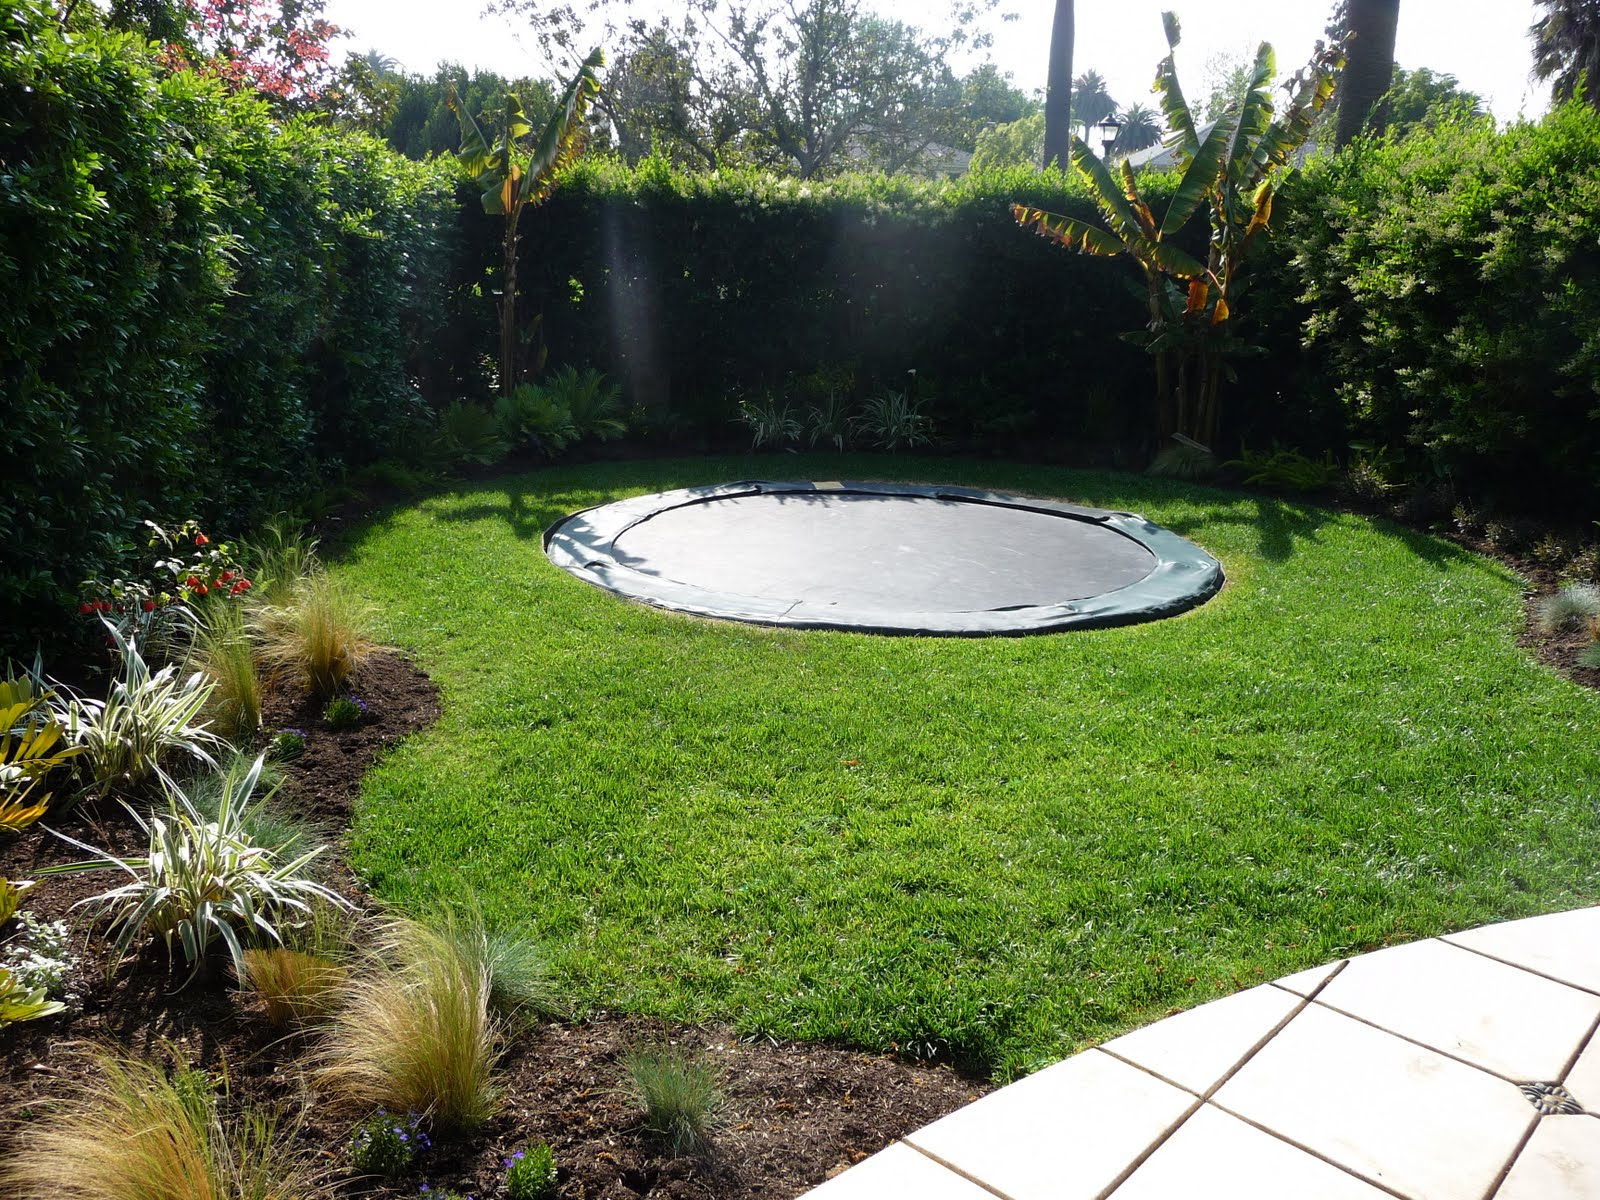 Brilliant Garden Design With Trampoline A Rear Interlocking